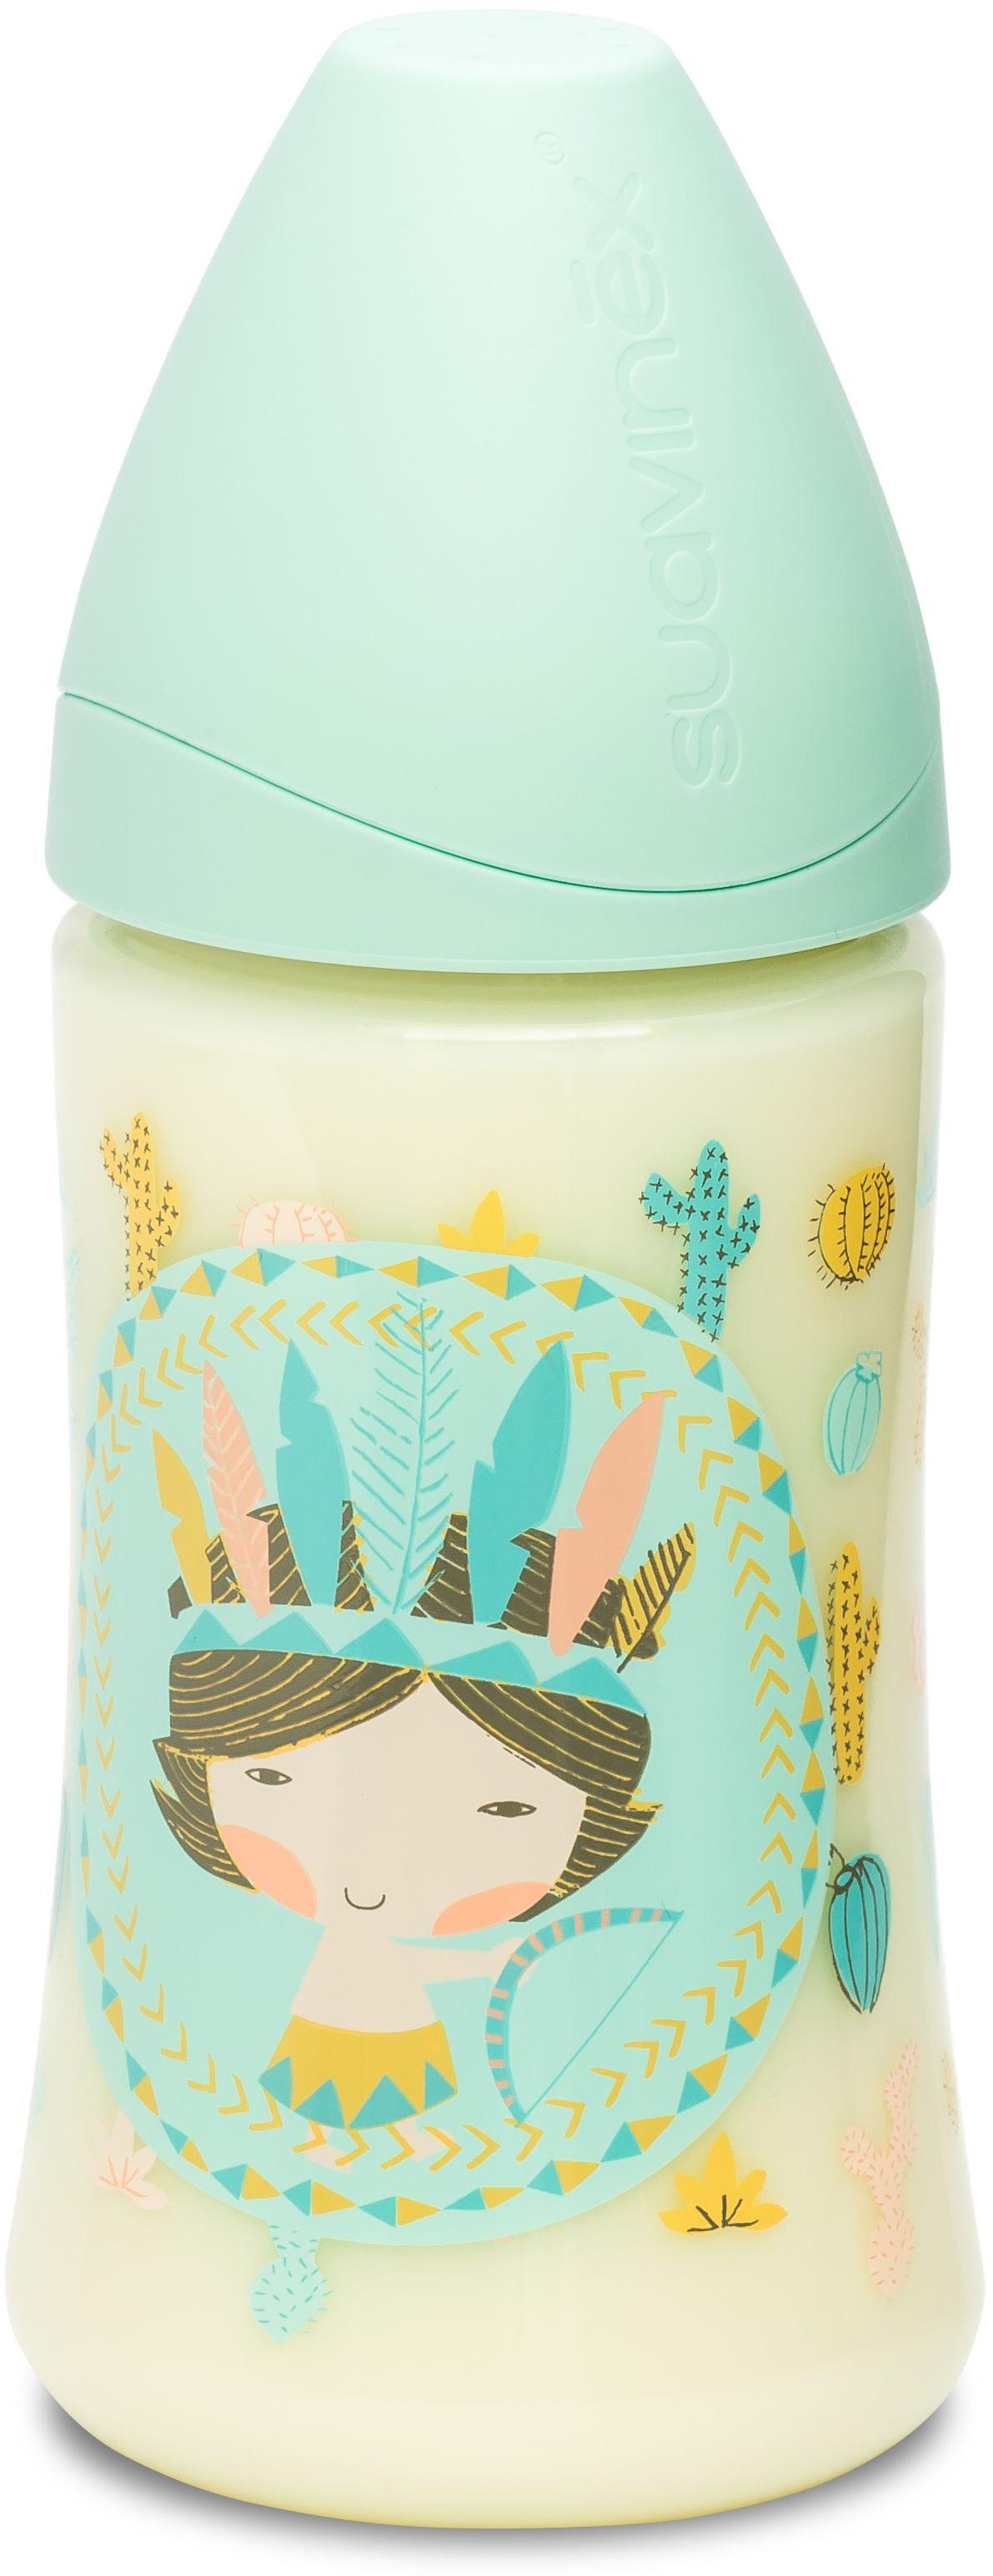 Suavinex Бутылочка от 0 месяцев с силиконовой соской цвет бирюзовый 270 мл suavinex бутылочка от 0 месяцев с силиконовой соской цвет бирюзовый 270 мл